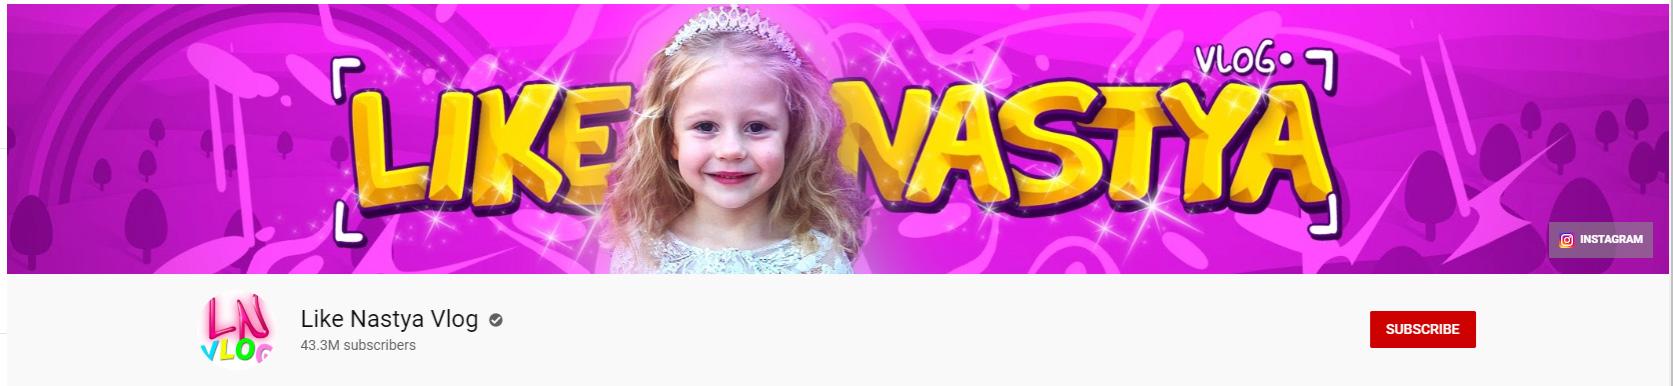 like nastya youtube